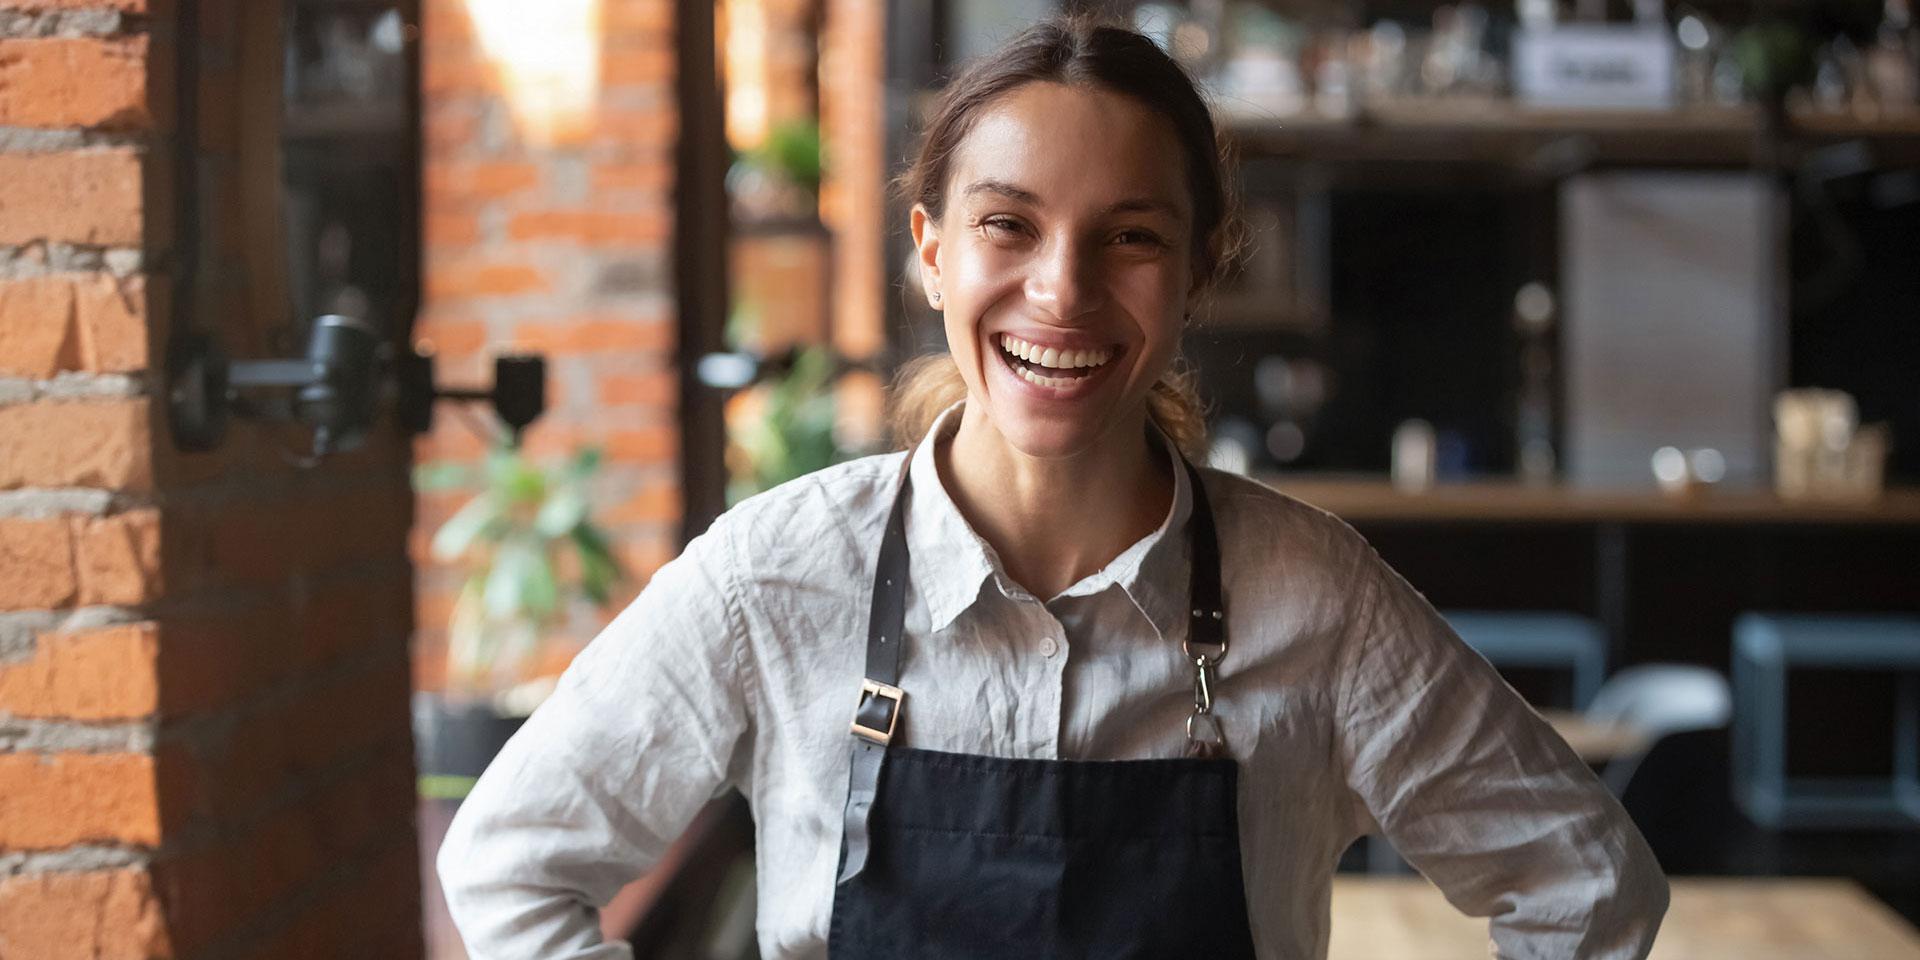 Smiling Female Barista